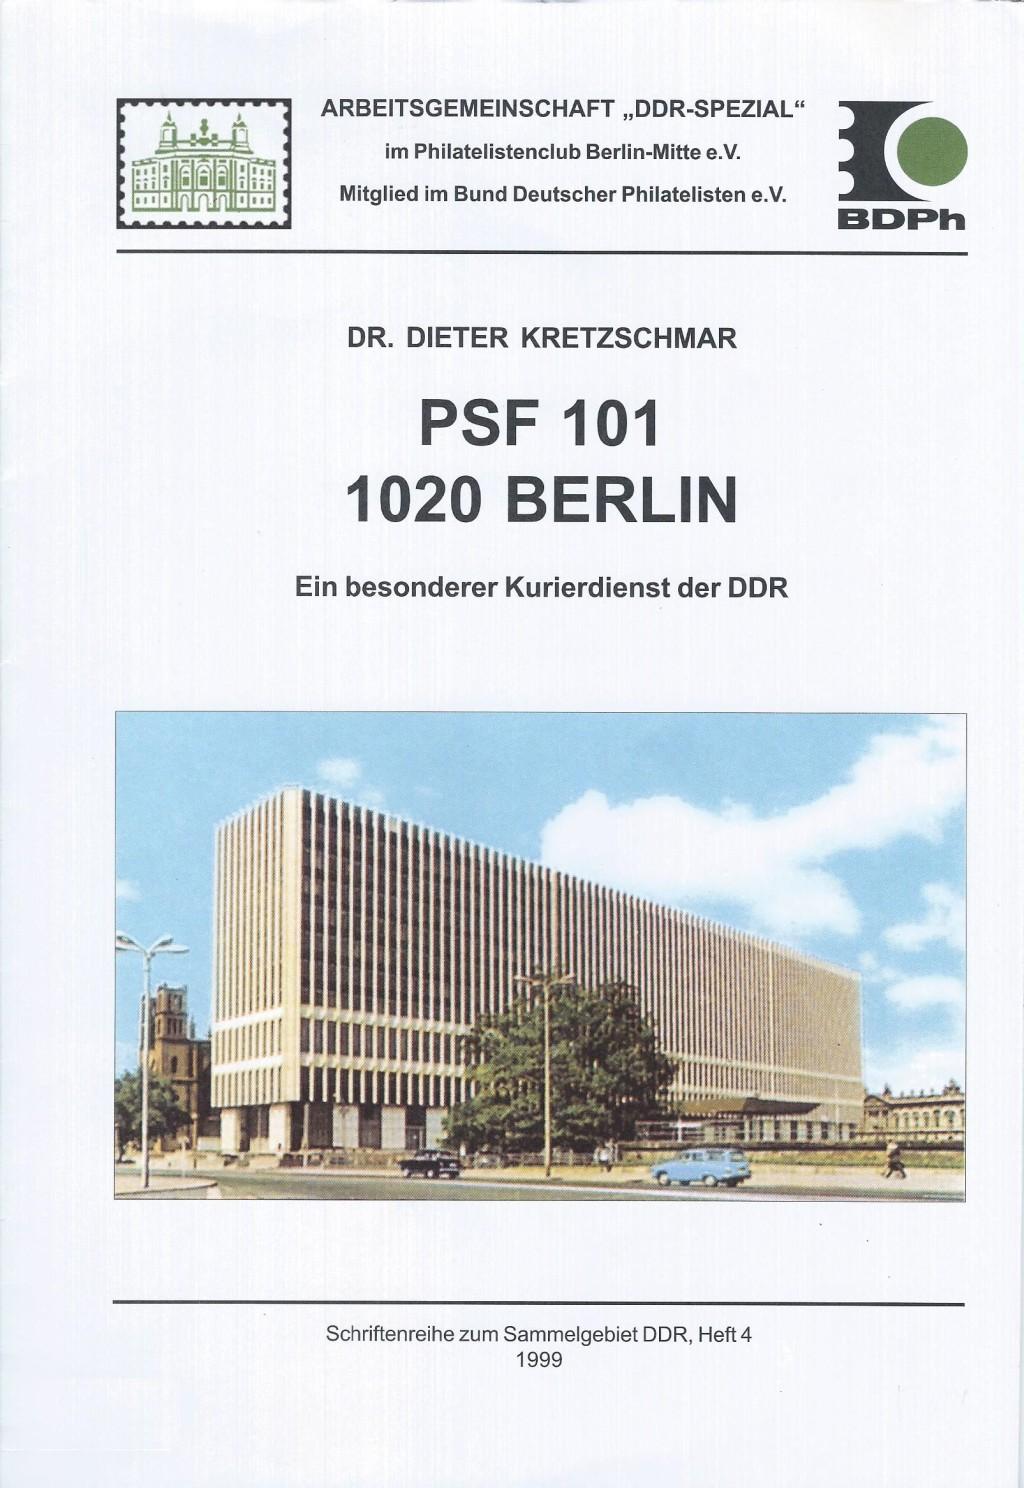 DDR Philatelie Literatur Kurierdienst PSF 101